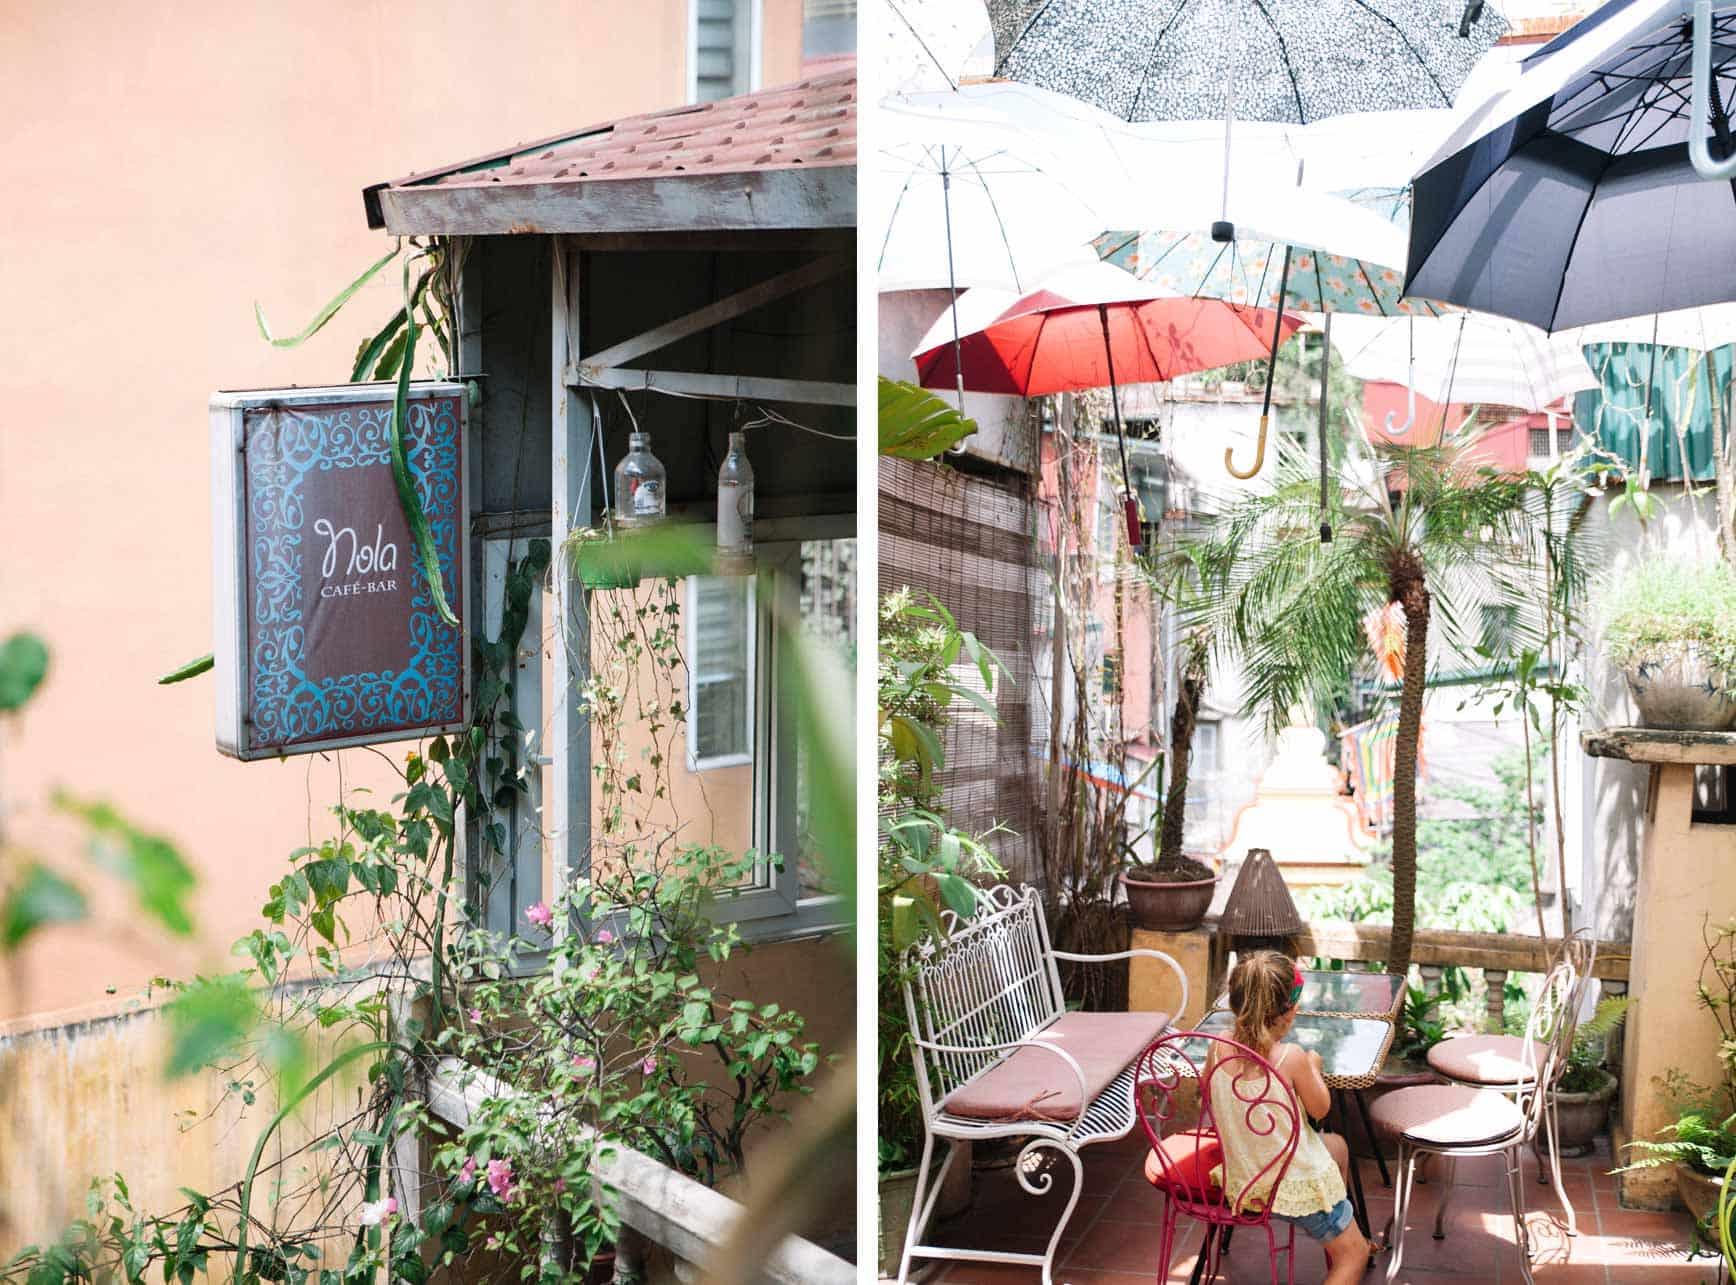 Cafe-Nola-Hanoi